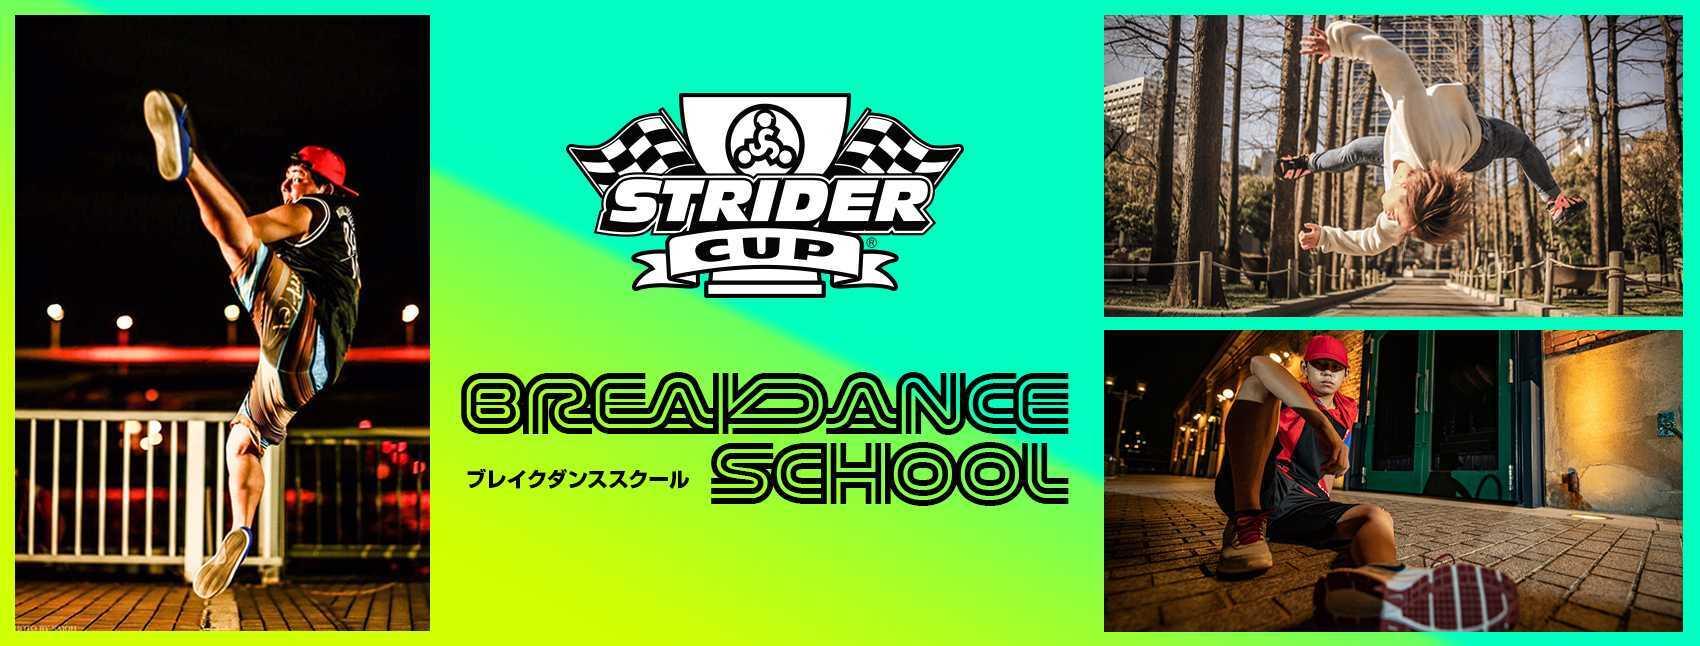 【ストライダーカップスペシャルコンテンツ】ブレイクダンススクール開催します!